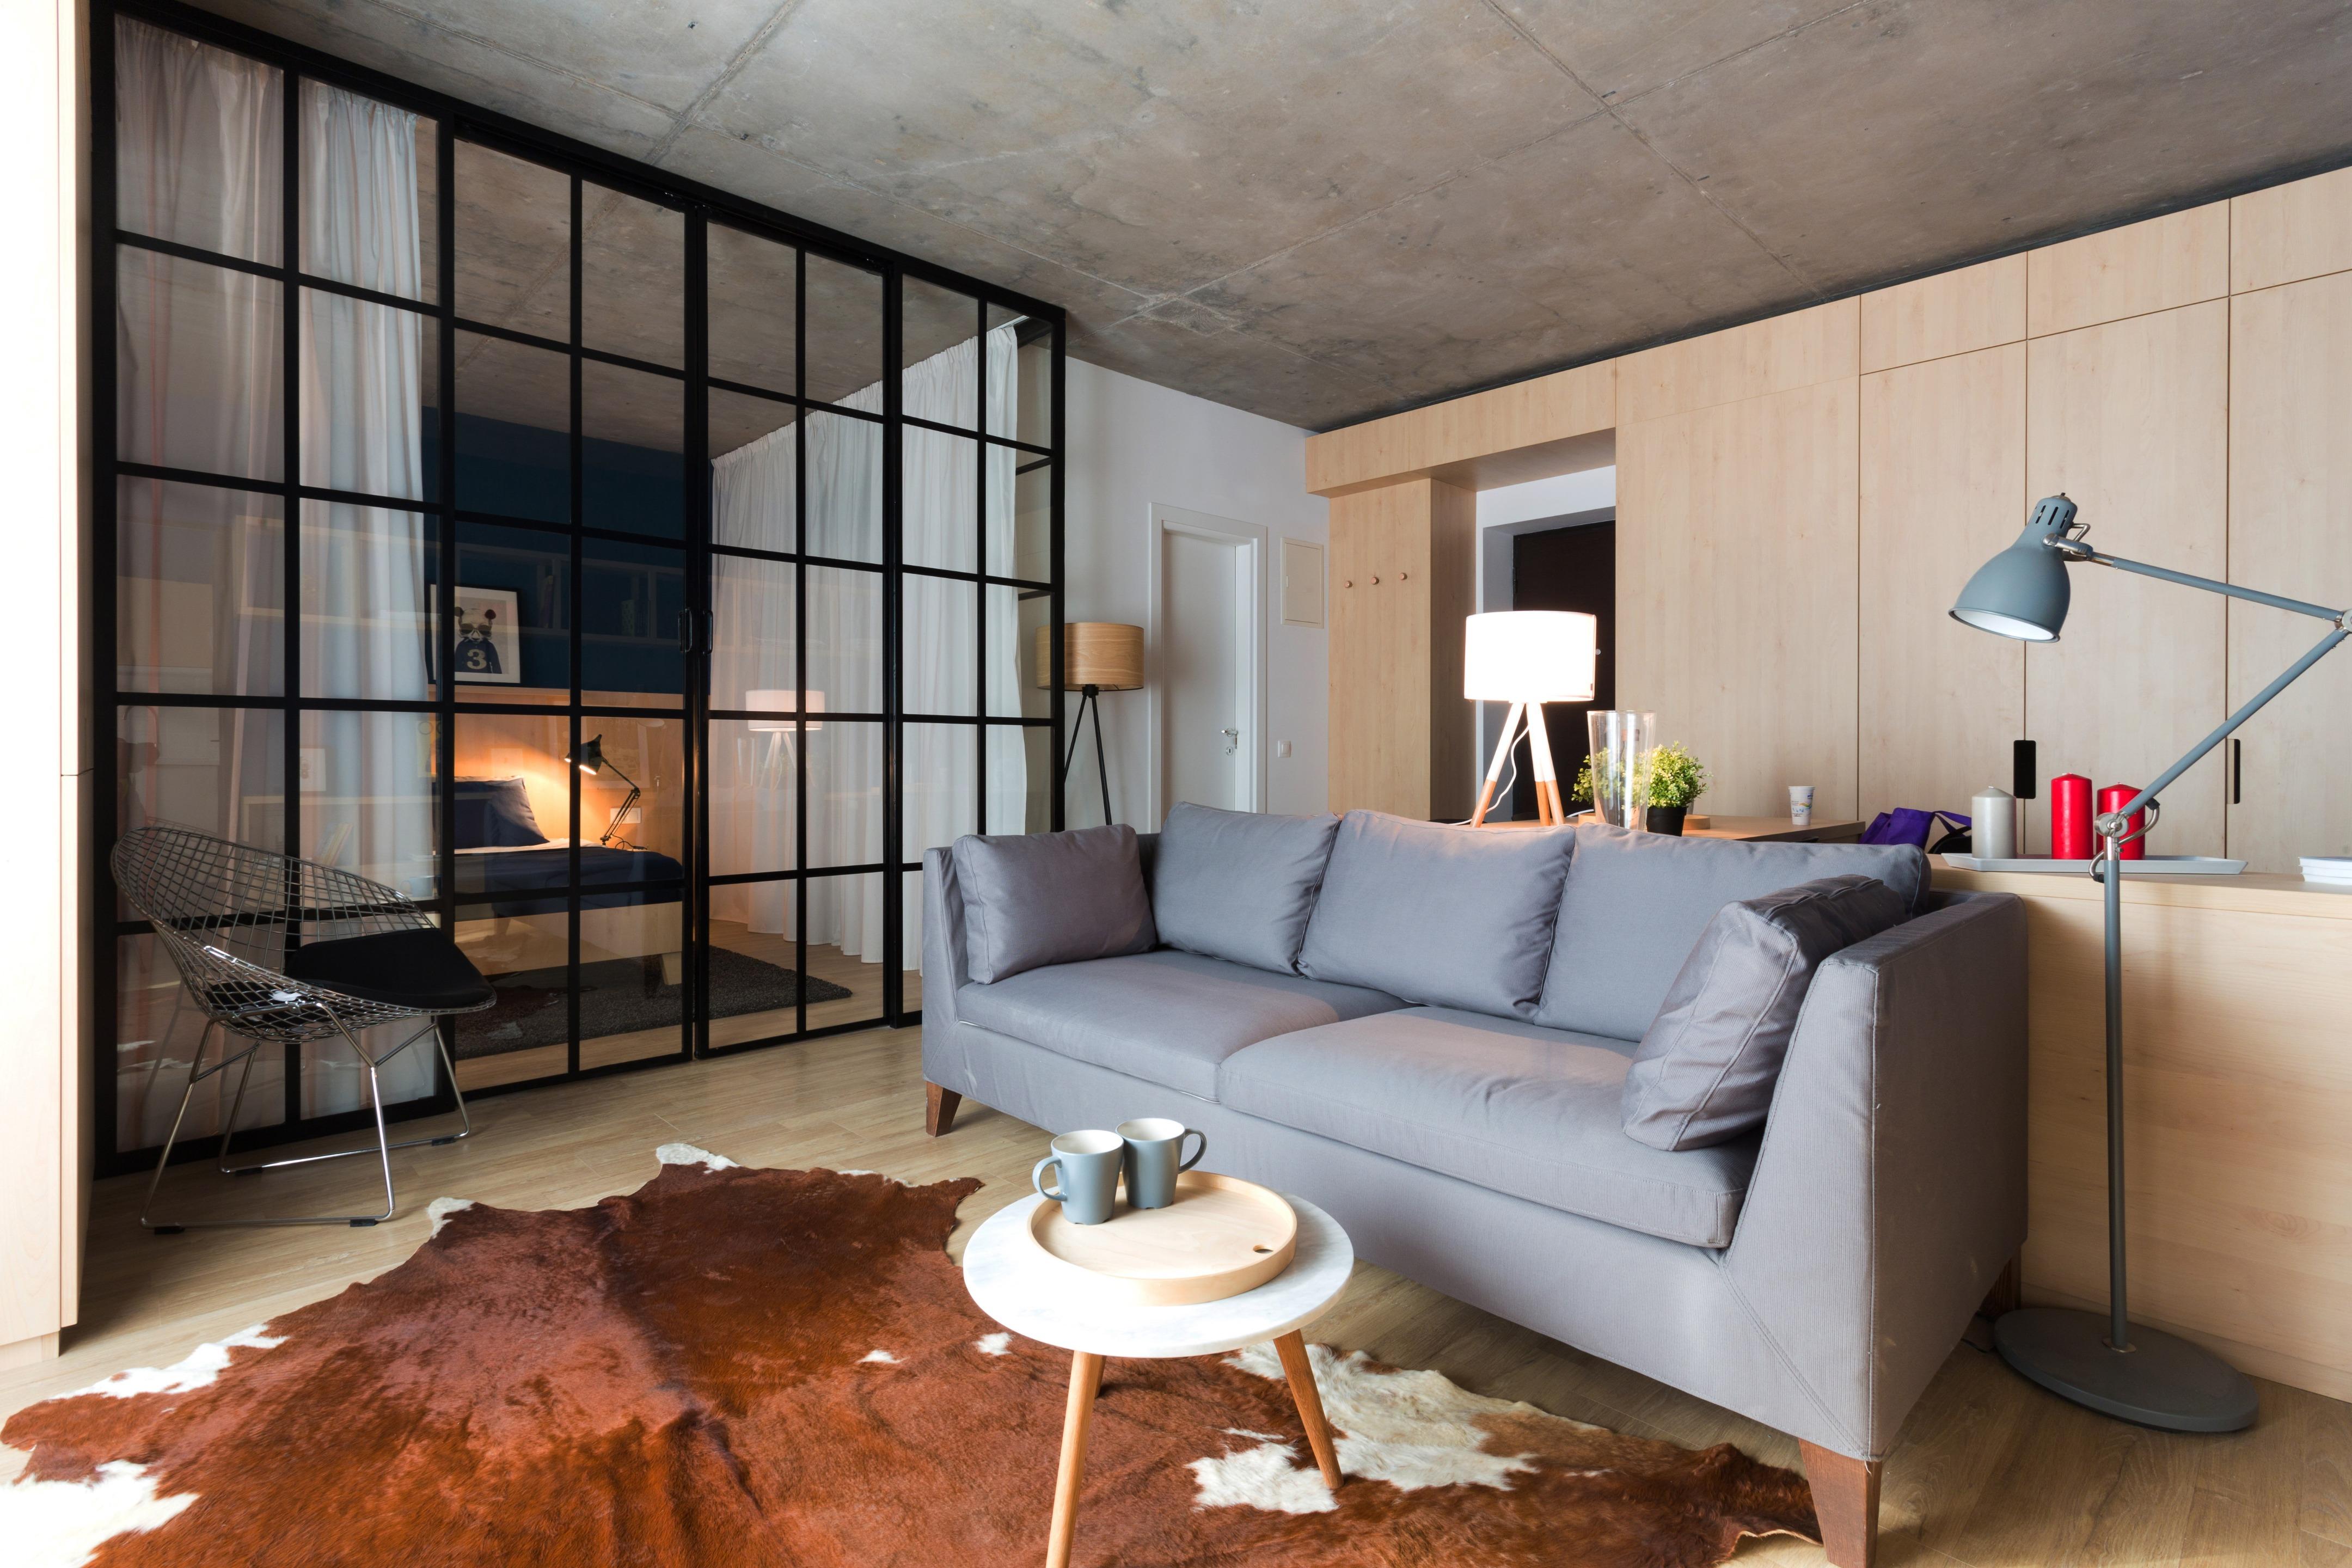 Dù diện tích không lớn nhưng cách bố trí đồ đạc khiến phòng khách trở nên rộng rãi hơn